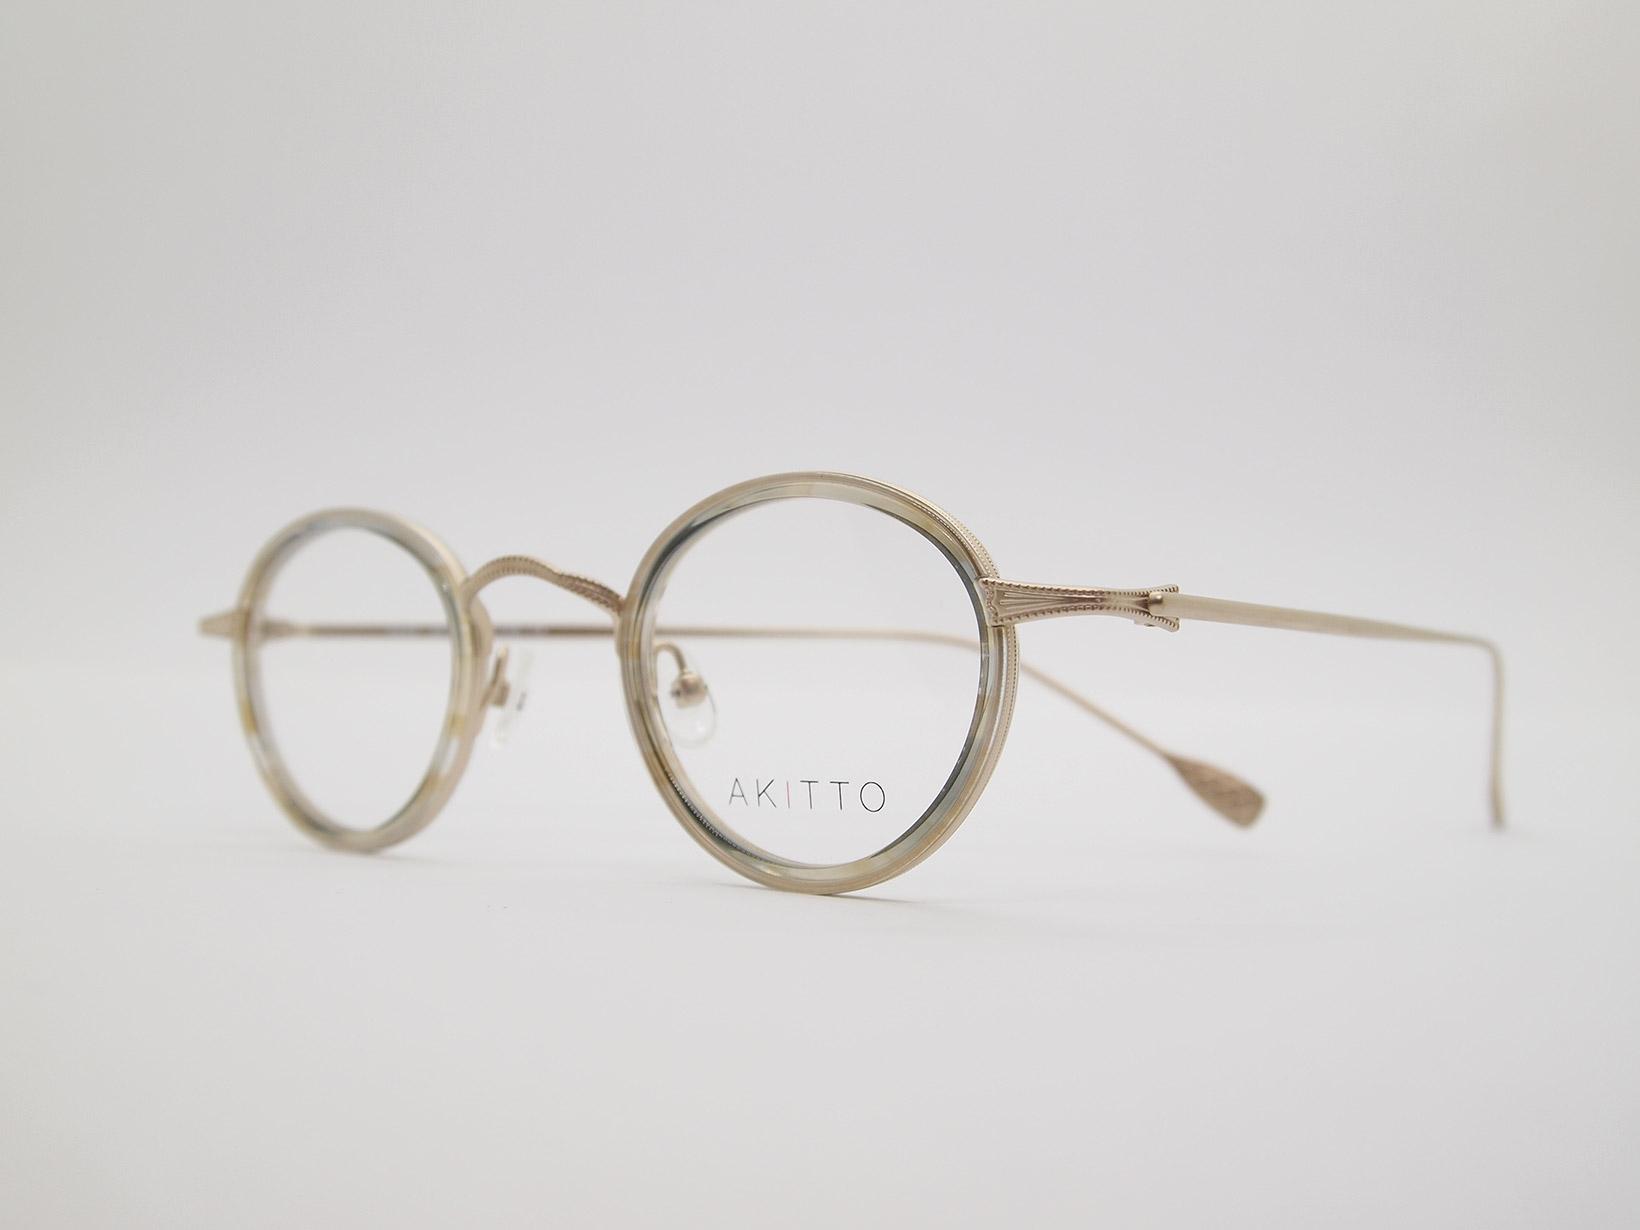 AKITTO 2021-4th tas2 color BB size:41□25 material:titanium+acetate price:¥46,200-(税込み)